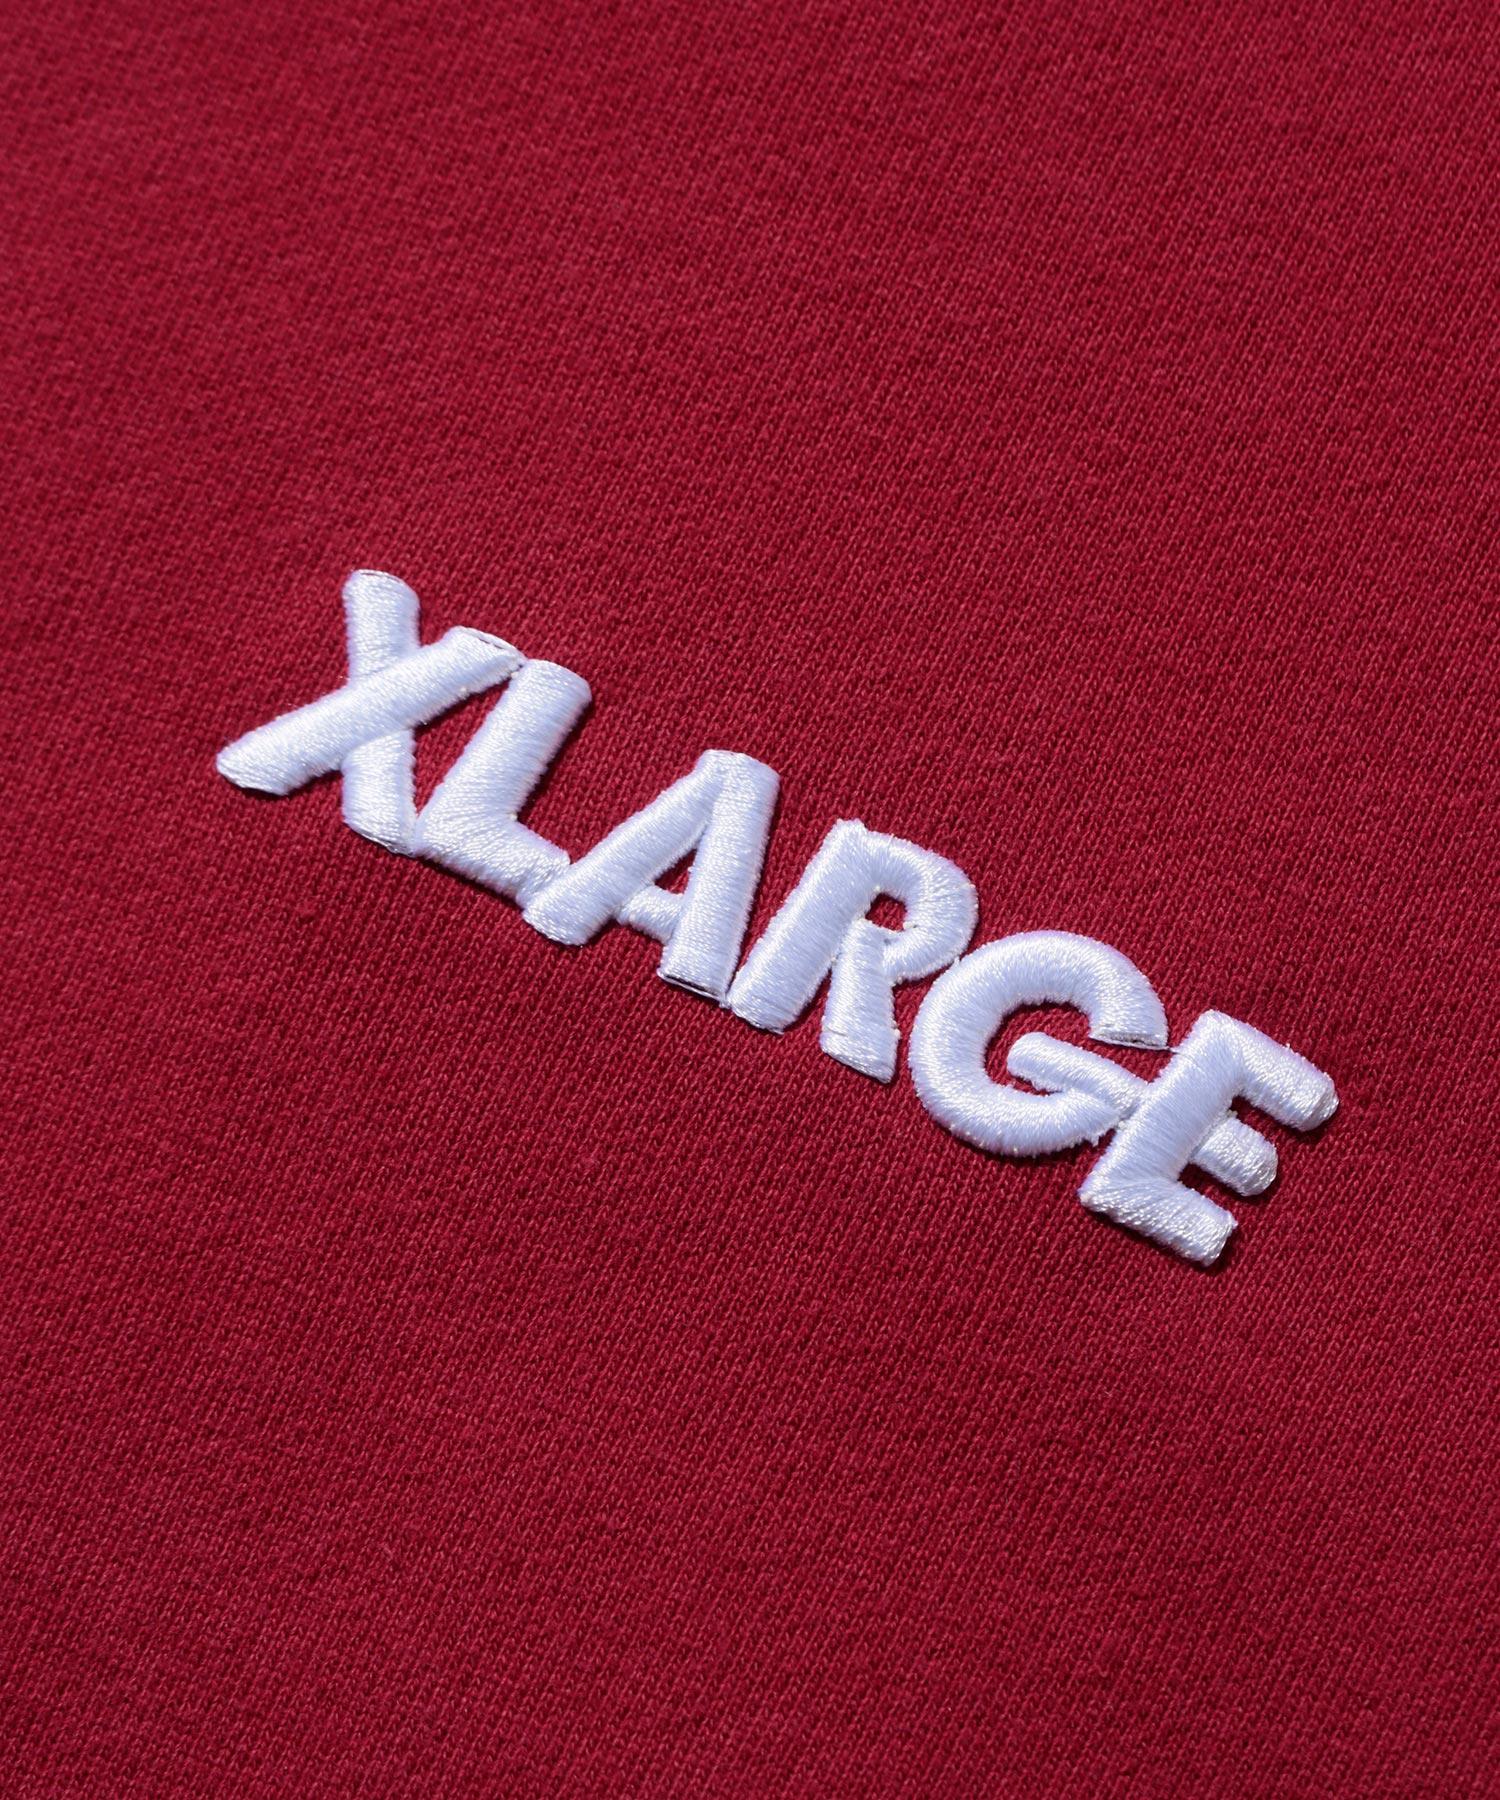 【公式】XLARGEエクストララージSTANDARDLOGOPULLOVERHOODEDSWEATパーカートップスフルオーバーフードスウェットロゴメンズ